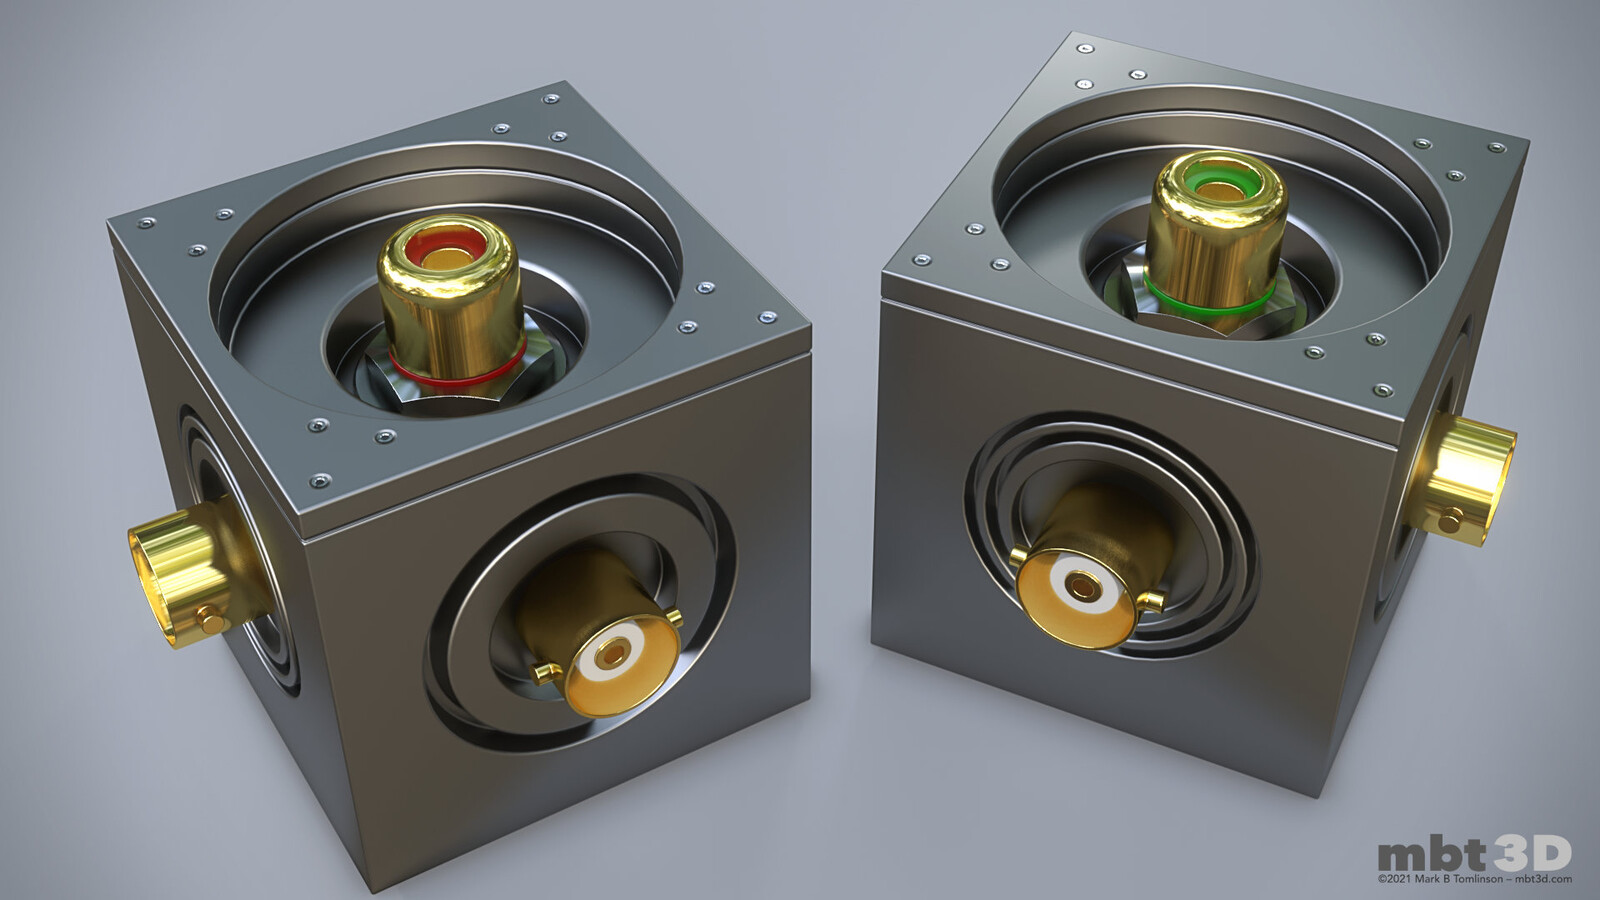 Phono BNC Box Thing